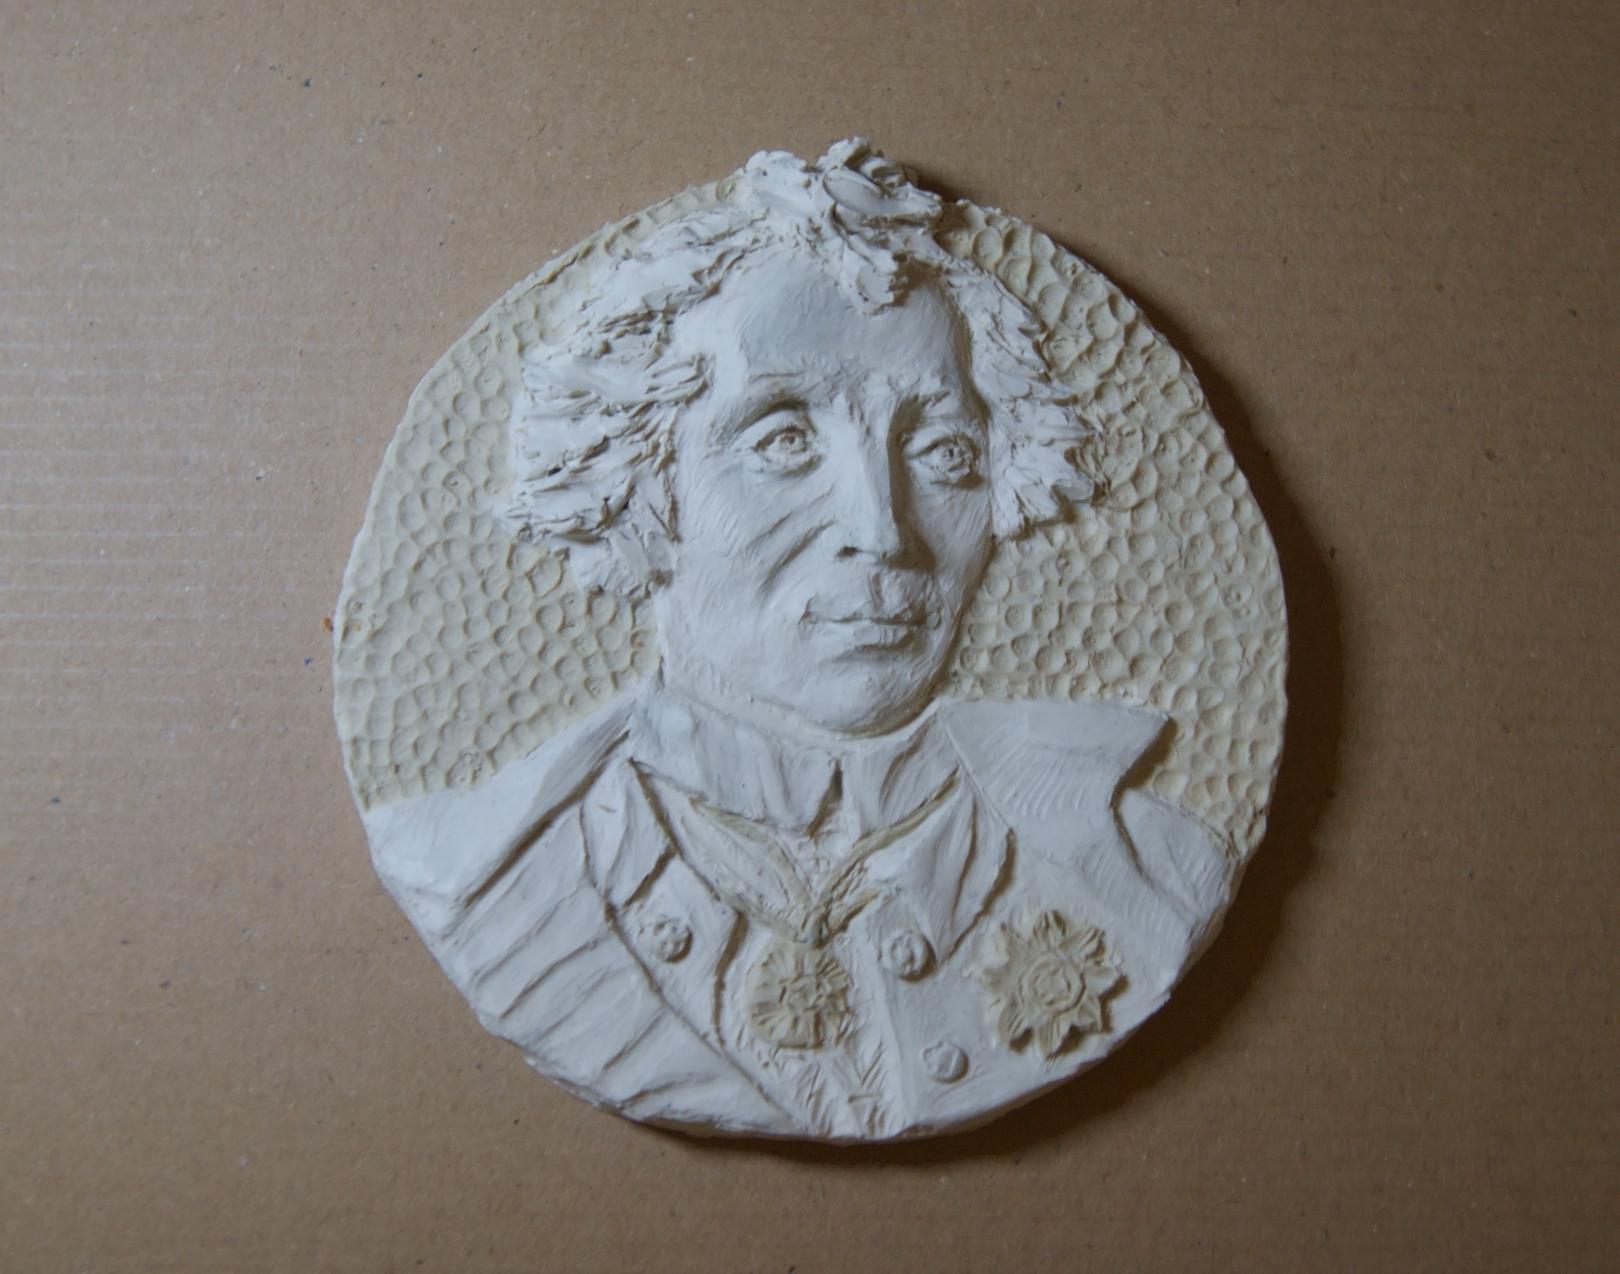 Суворов А.В. Эскиз. Работа выполнена по последним прижизненным изображениям. Скульптурный пластилин.Диаметр 12 см.